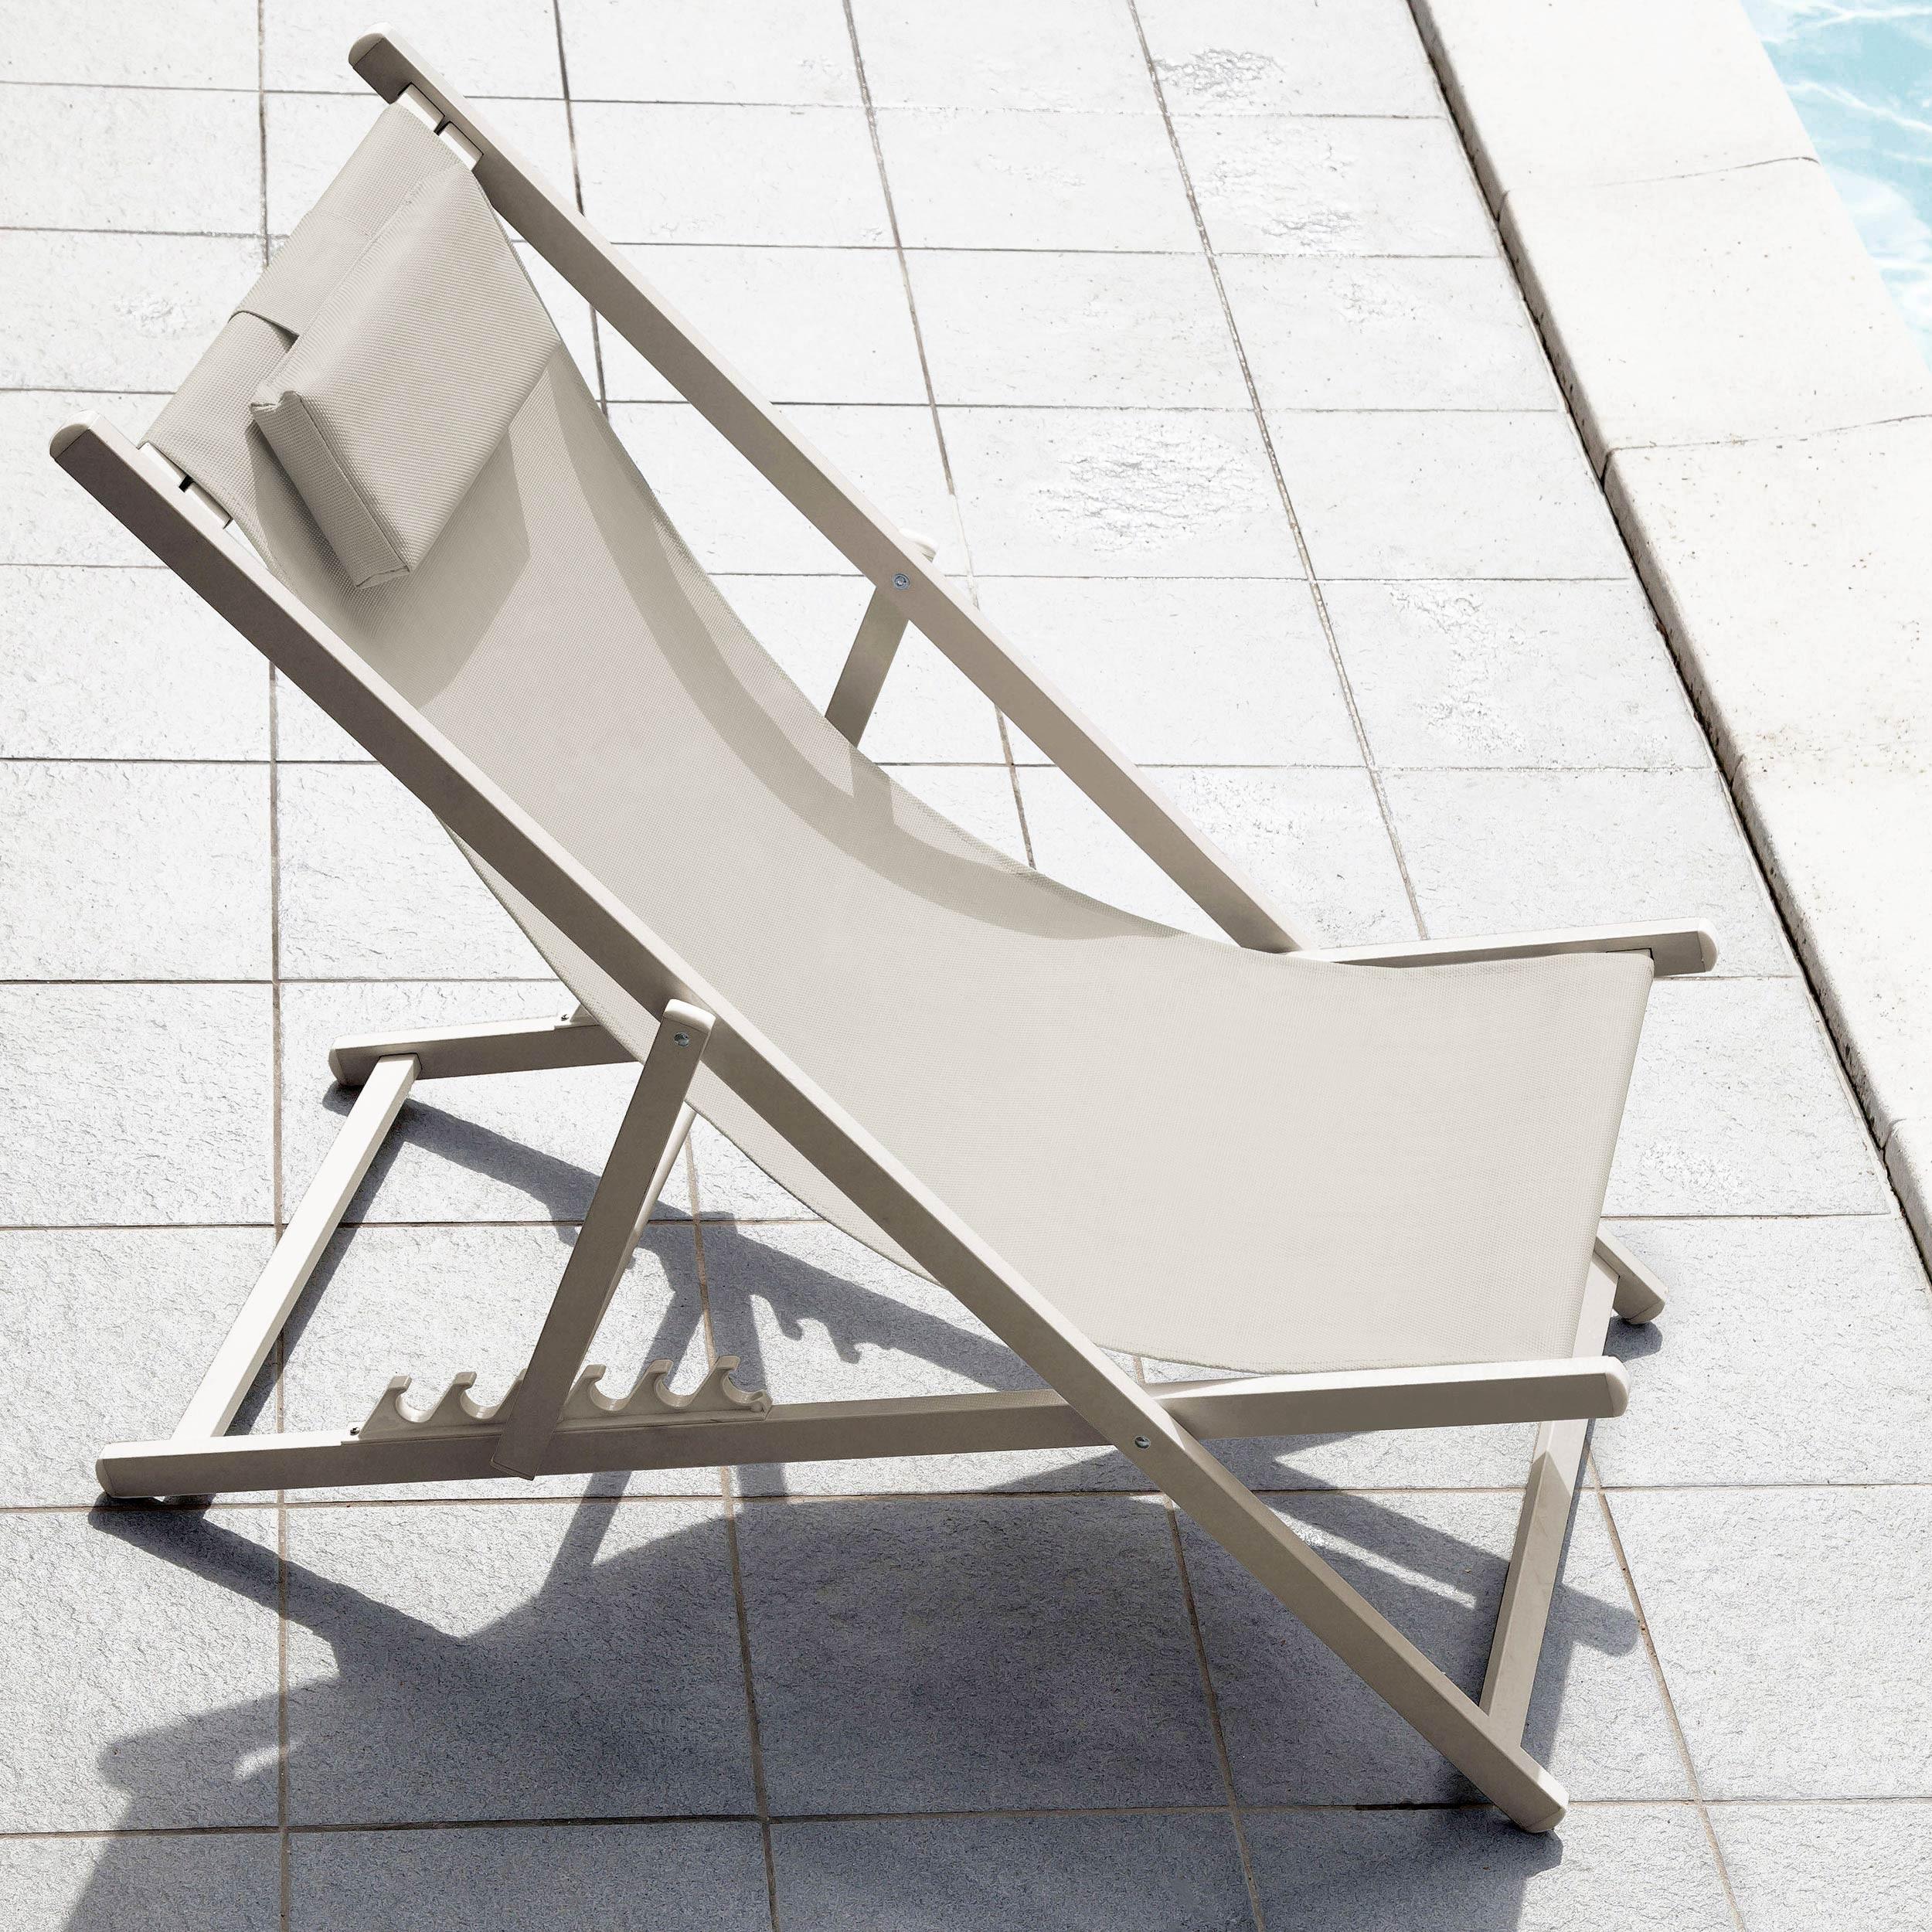 chaise longue calvi taupe lot de 2 commandez nos chaises longues calvi taupe lot de 2 rdv d co. Black Bedroom Furniture Sets. Home Design Ideas